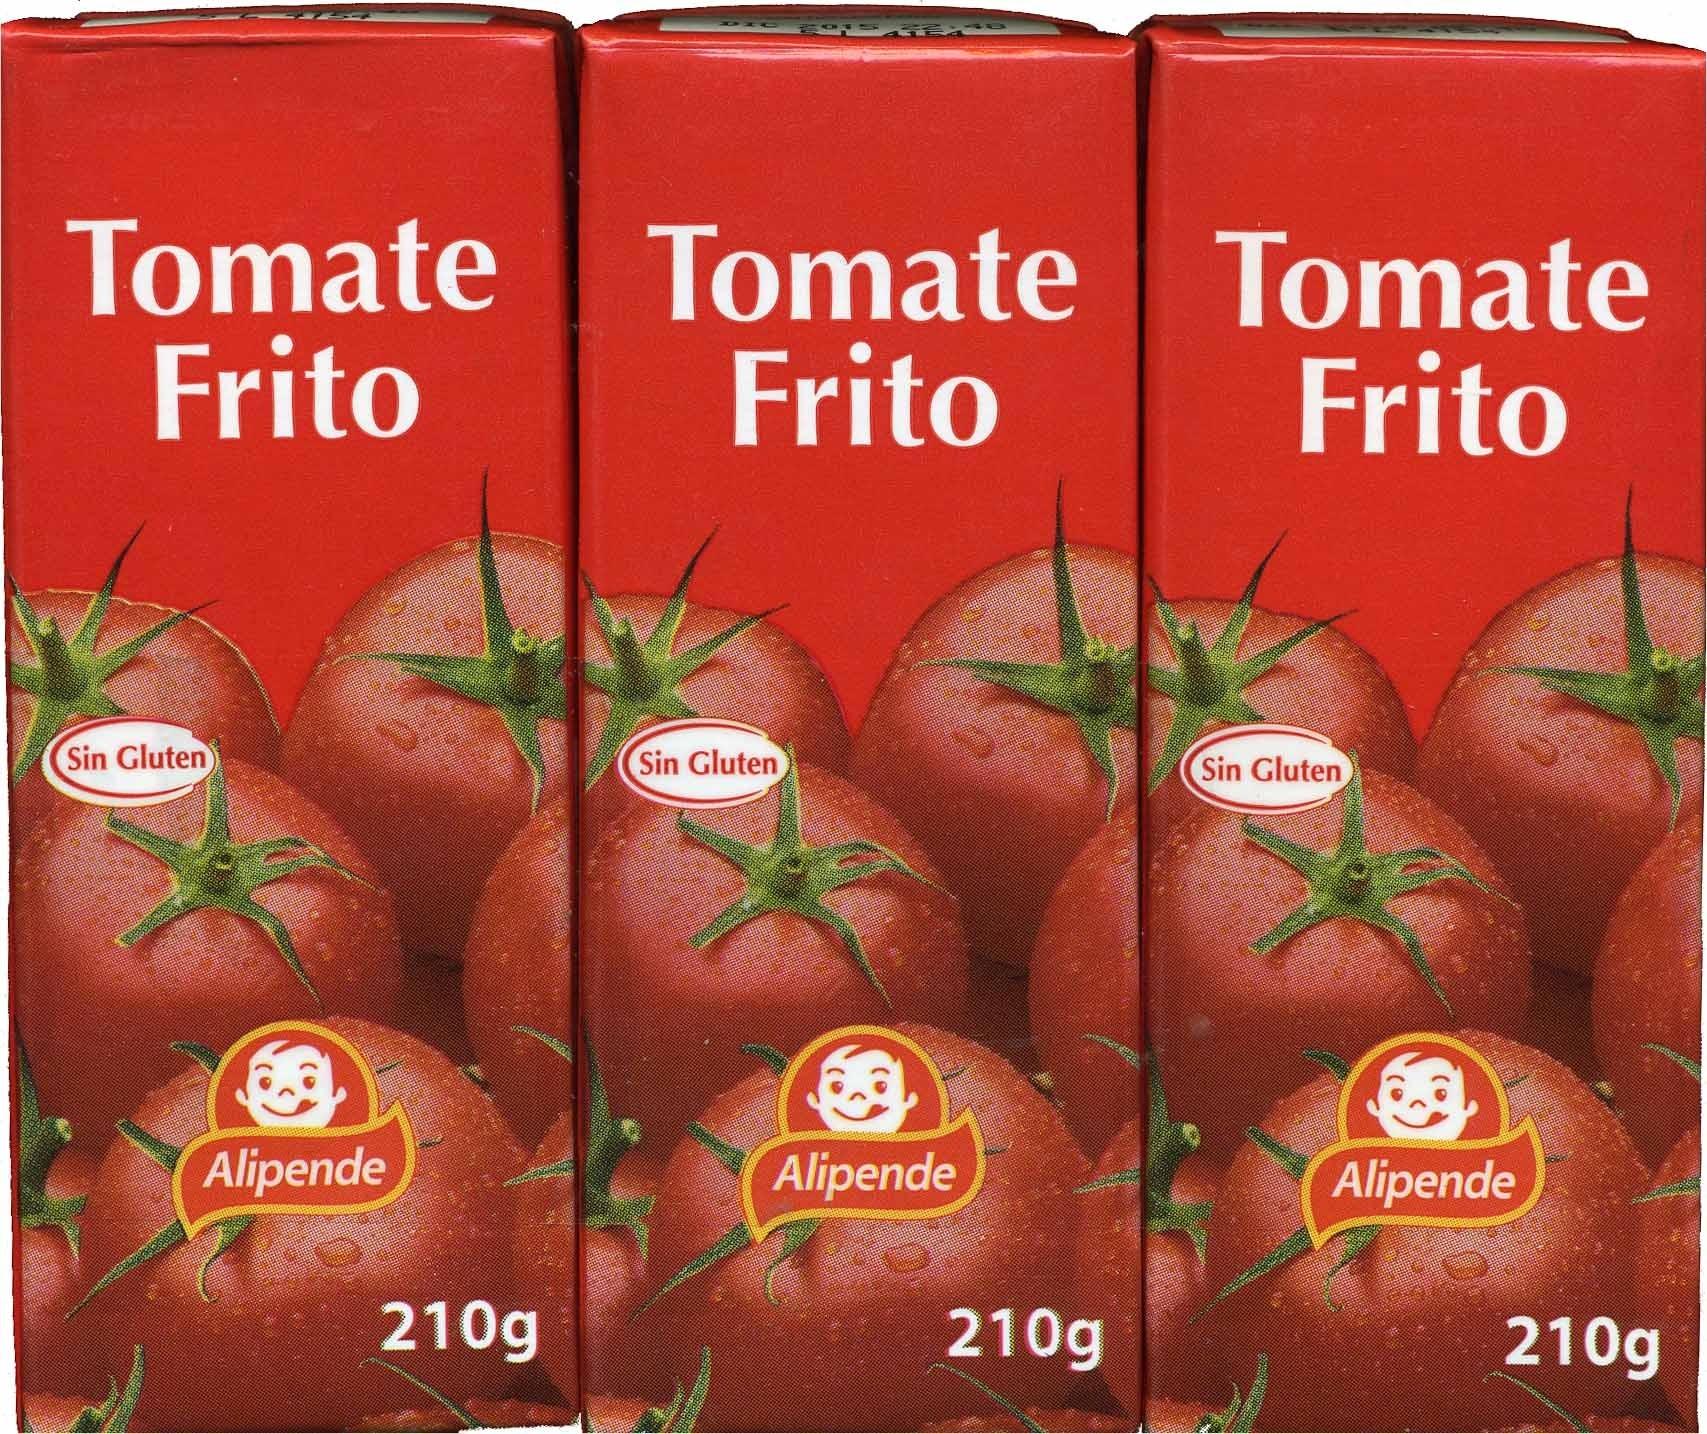 """Tomate frito """"Alipende"""" Pack de 3 - Product - es"""